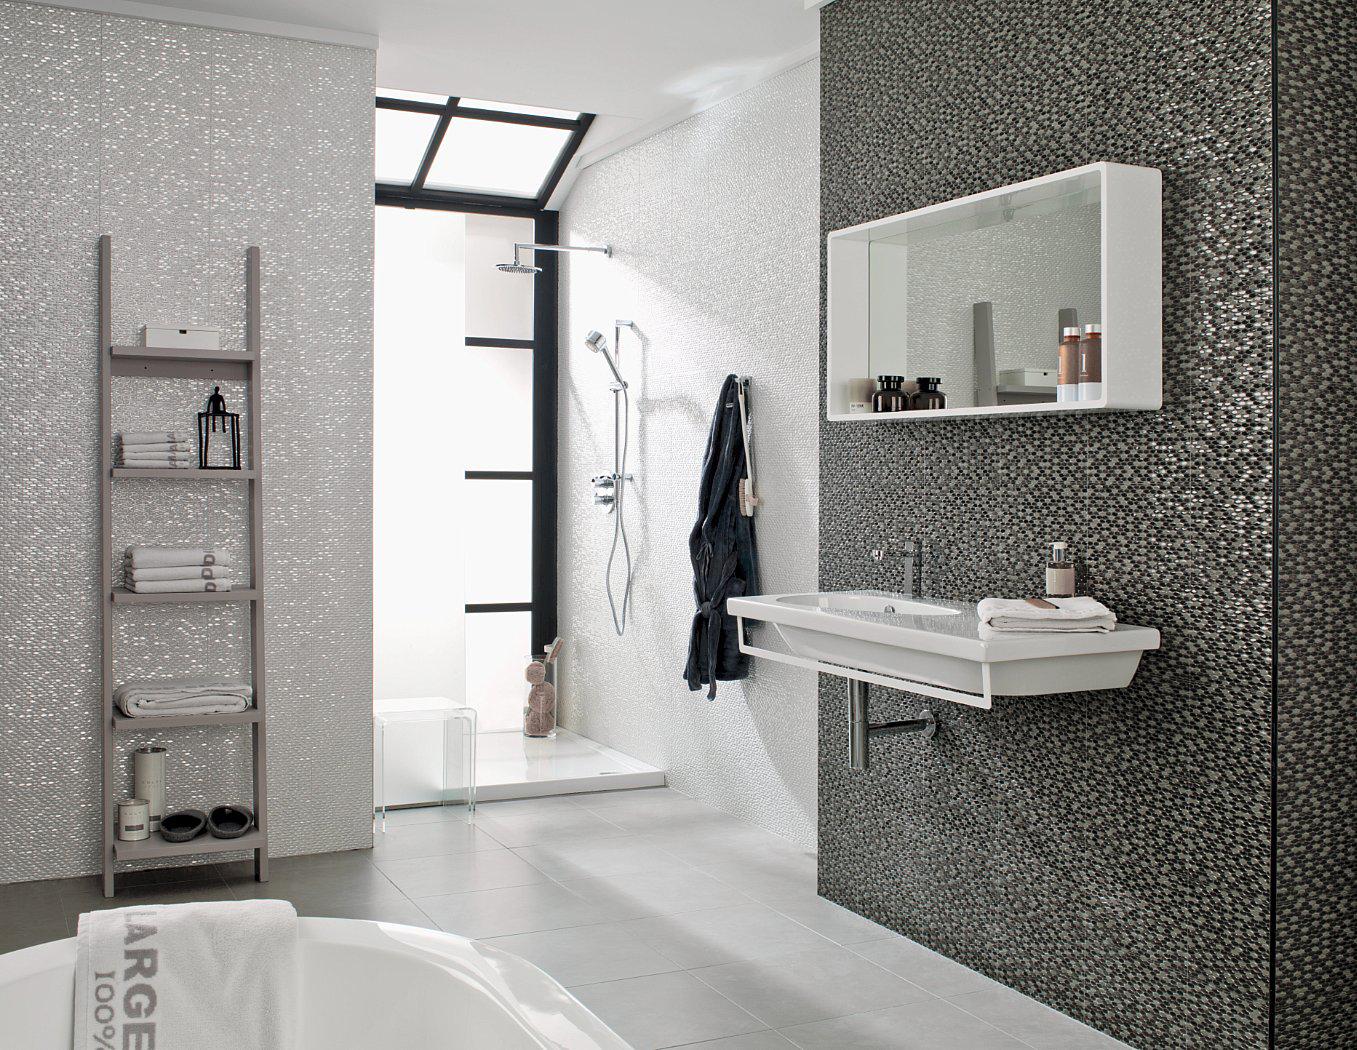 gri banyo duvar dekorasyonu